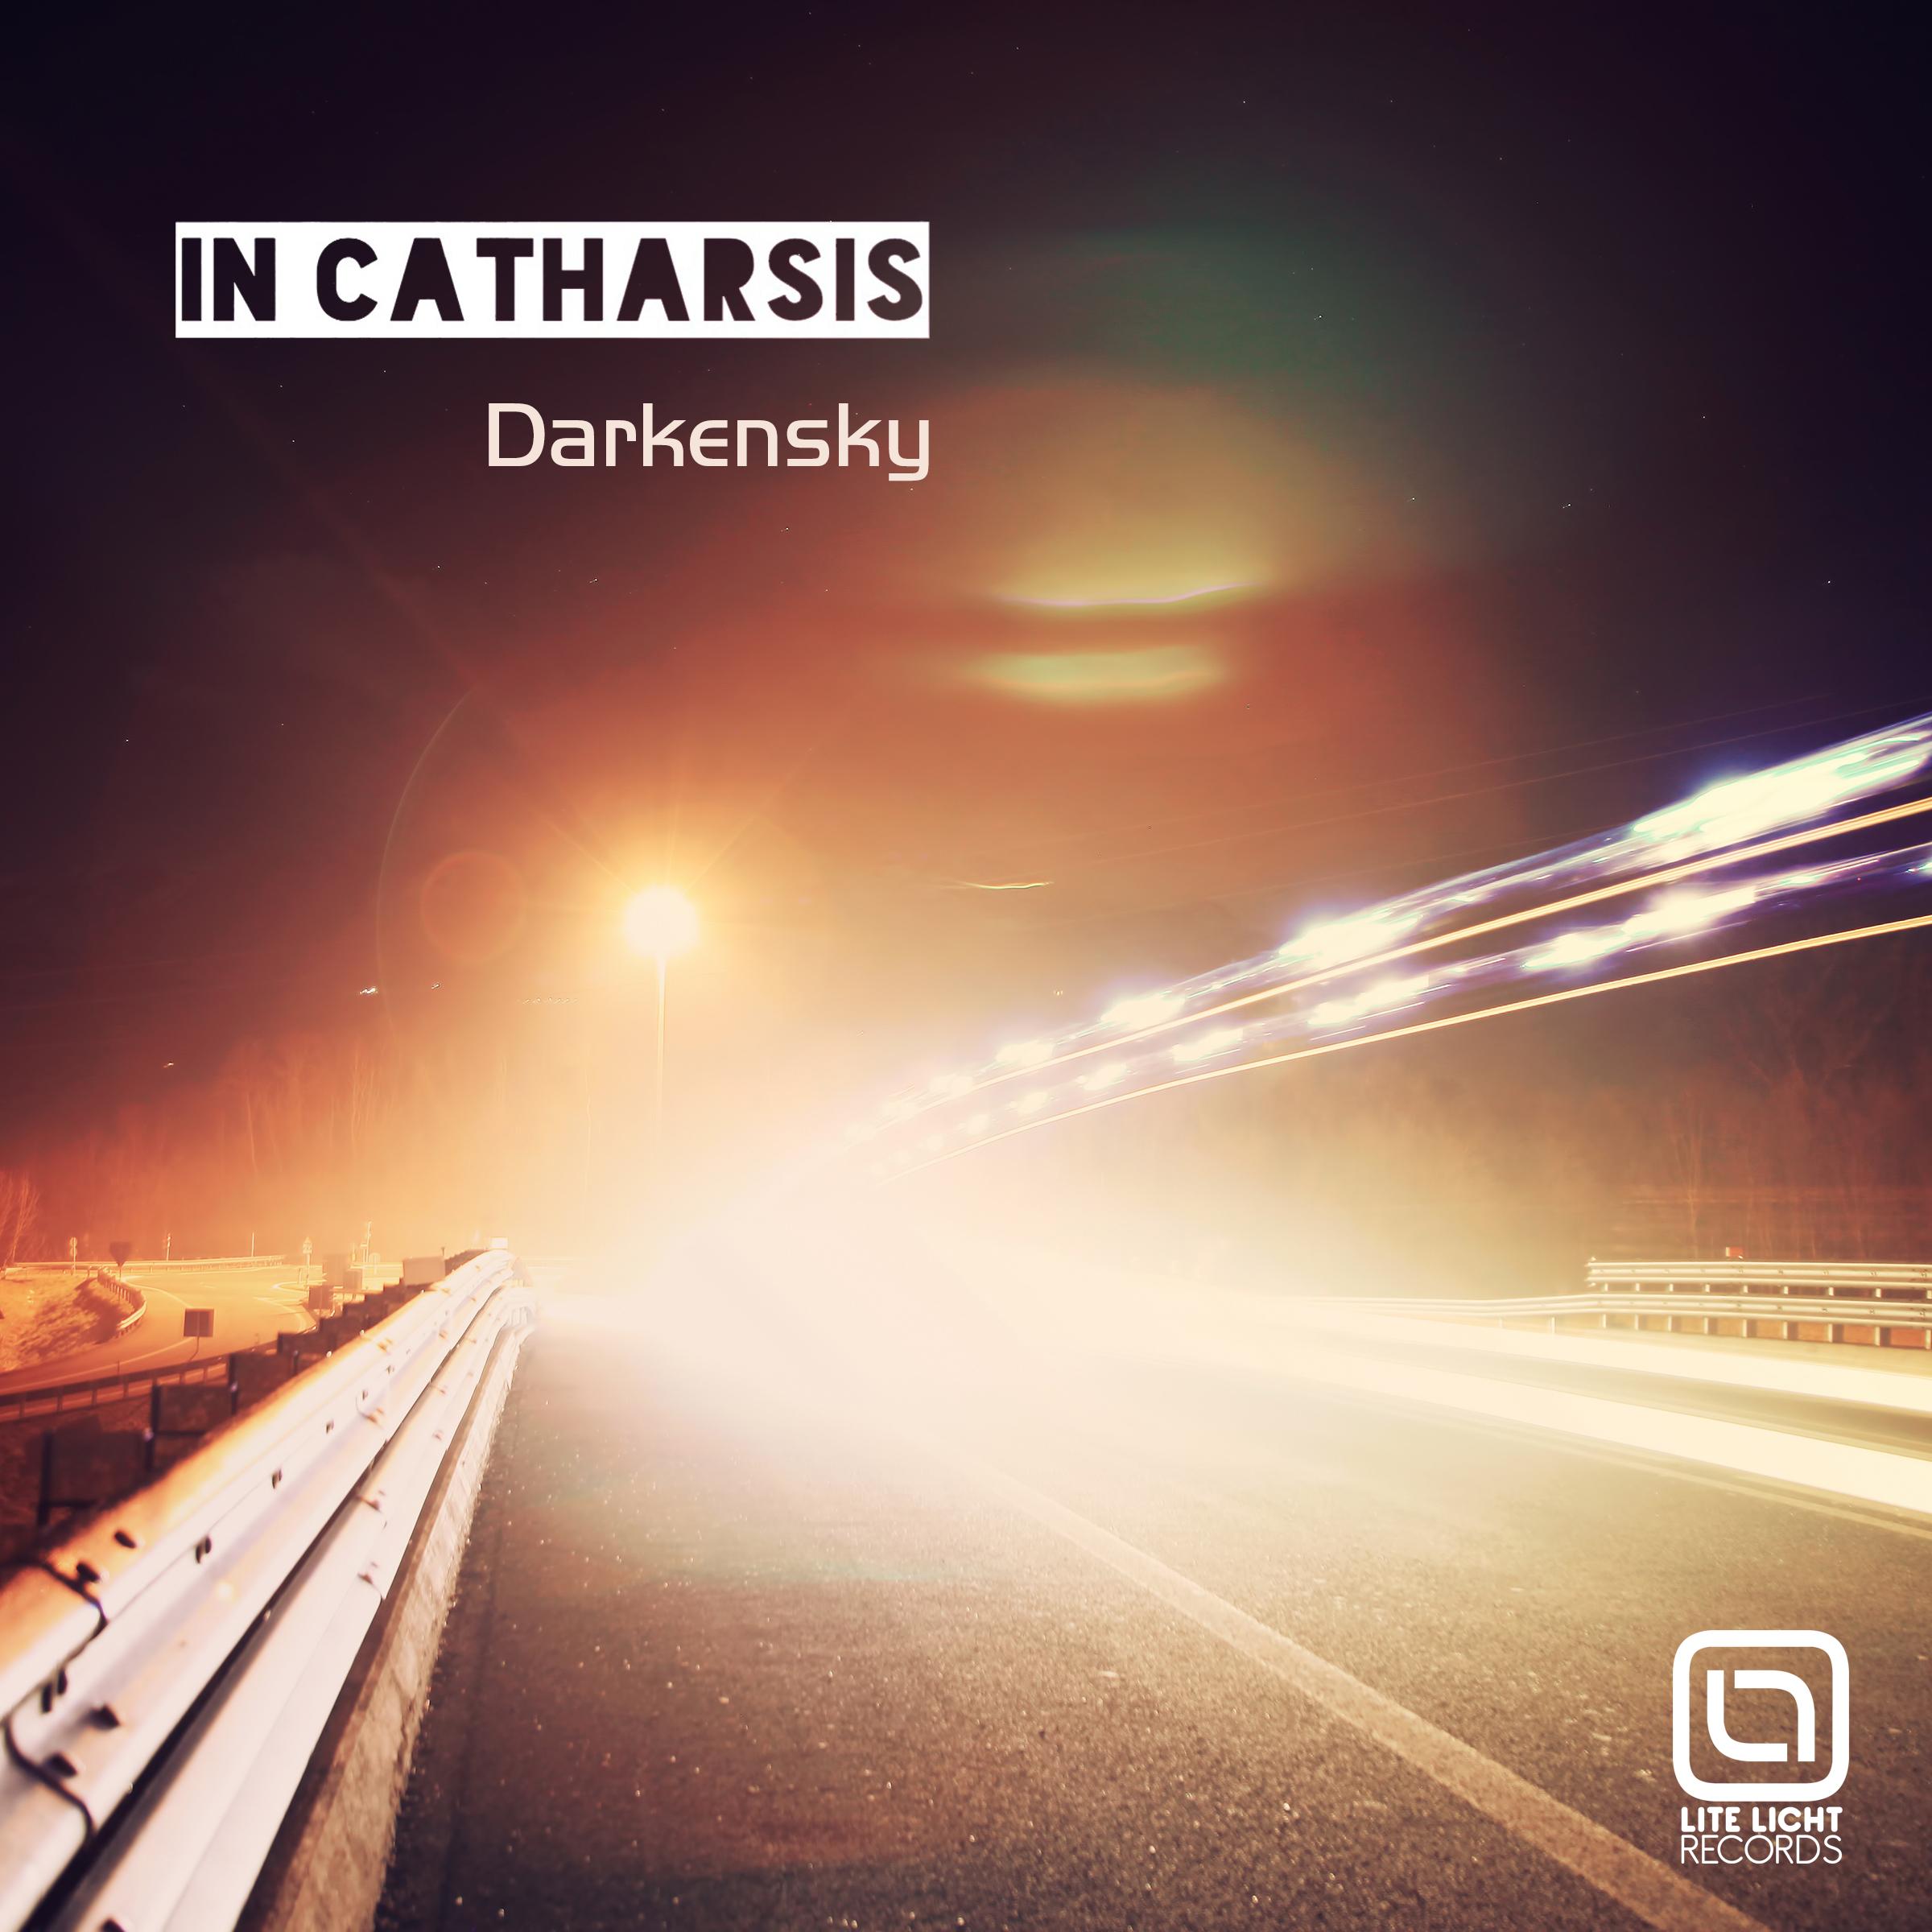 darkensky